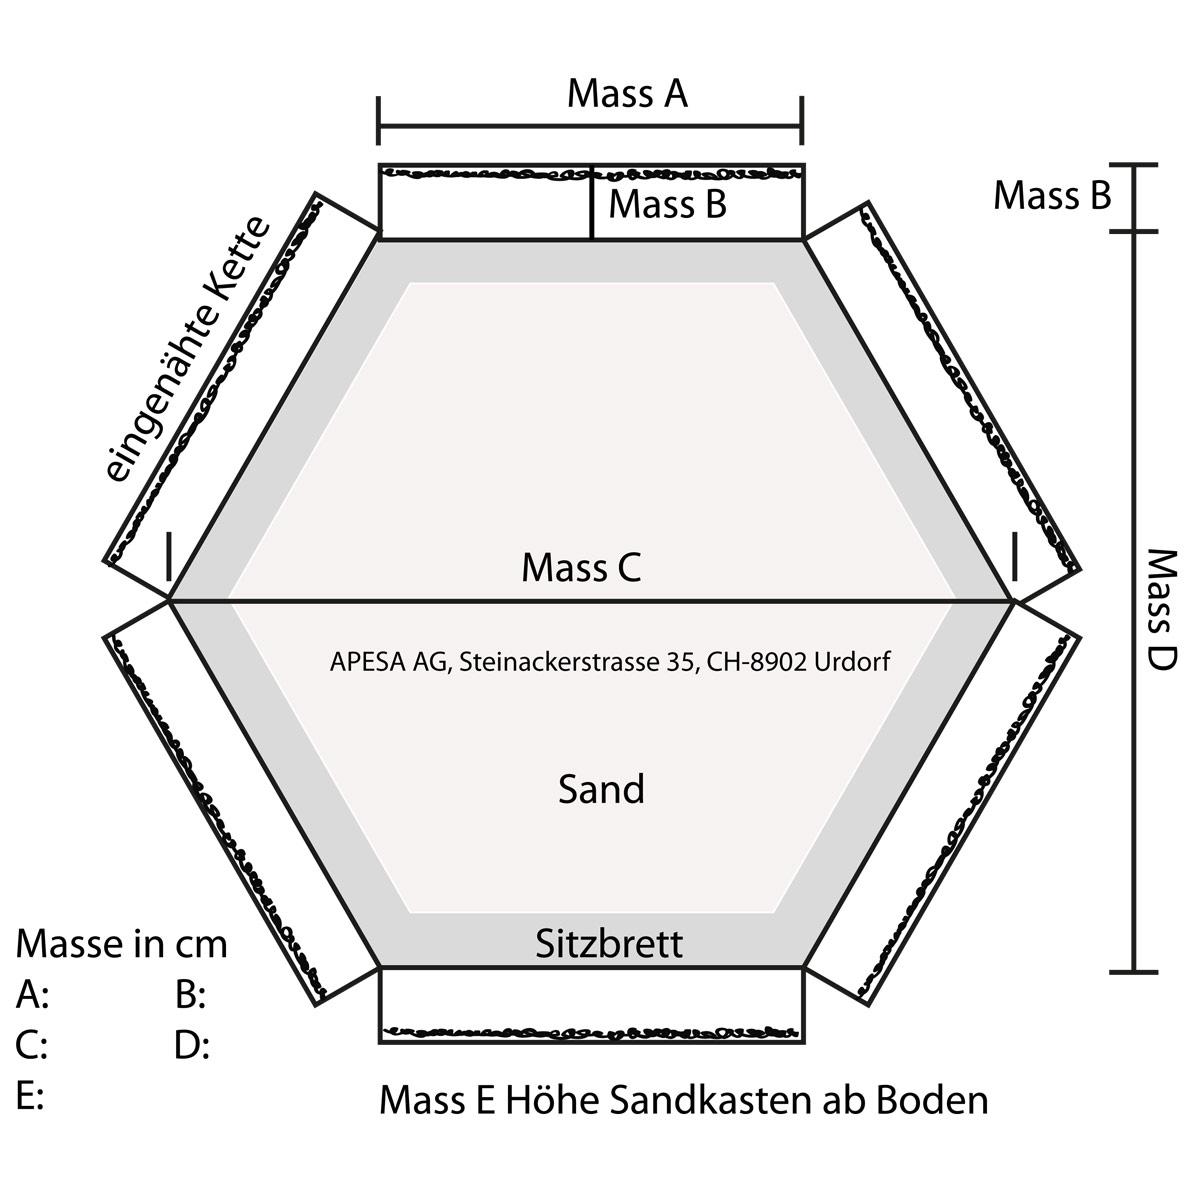 APESA Profisandkastenabdeckung Vorlage 6-eckiger Sandkasten